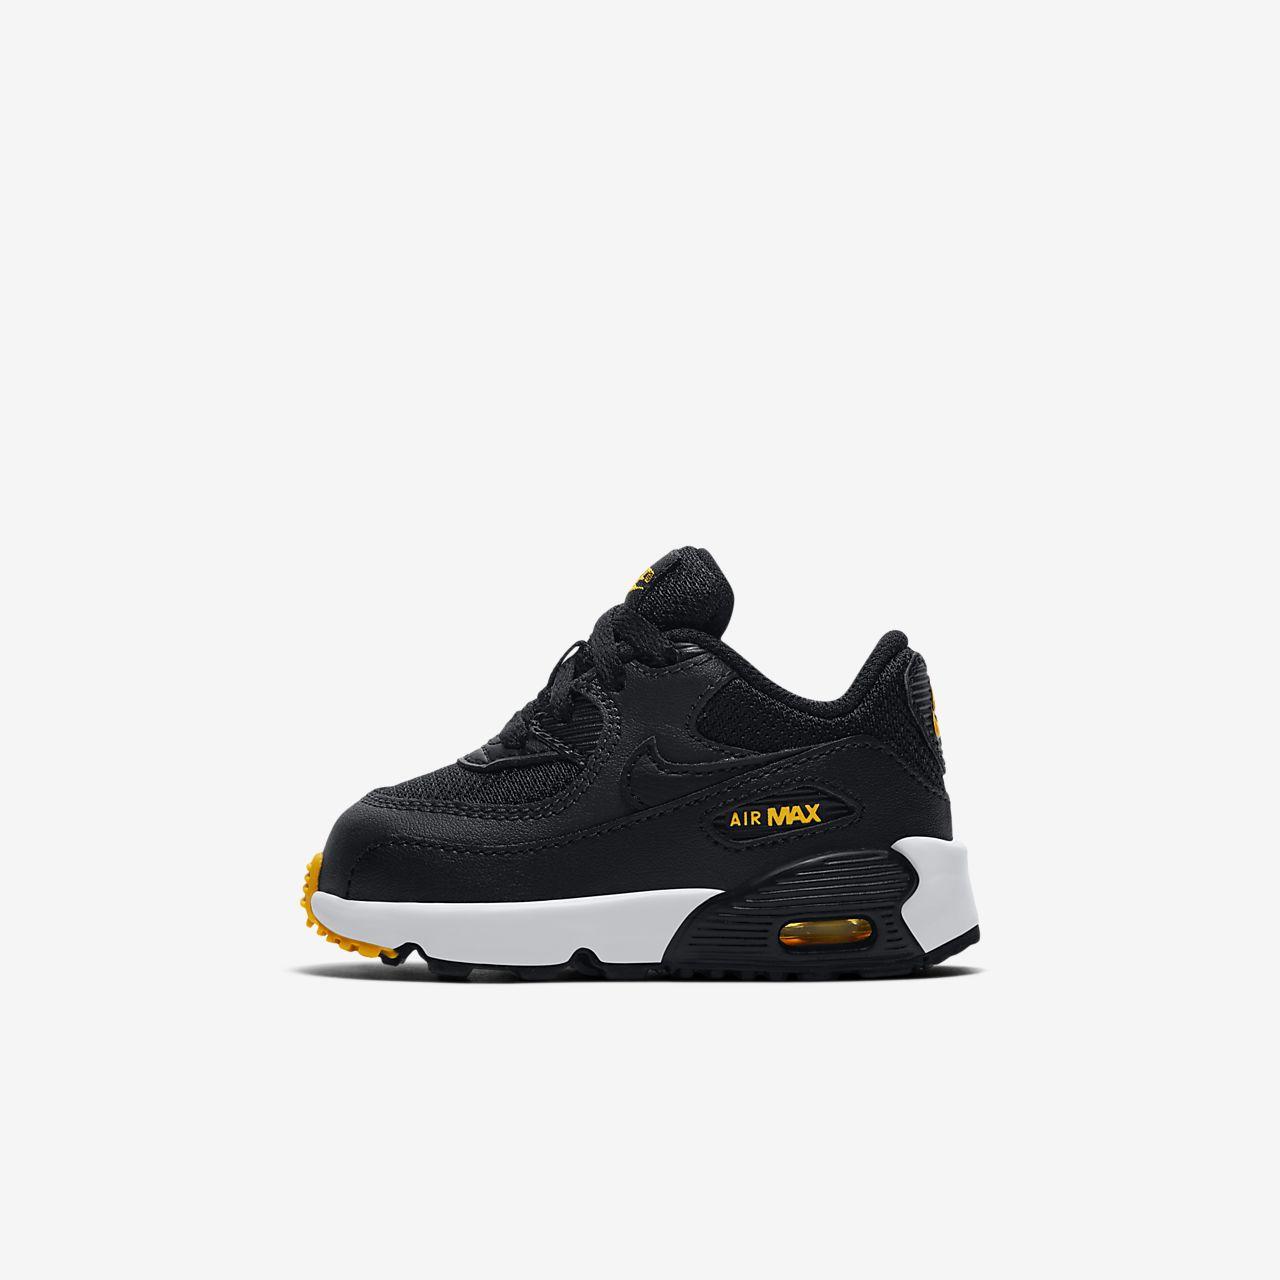 factory authentic a760c 35c68 ... Chaussure Nike Air Max 90 Mesh pour Bébé Petit enfant (17-27)